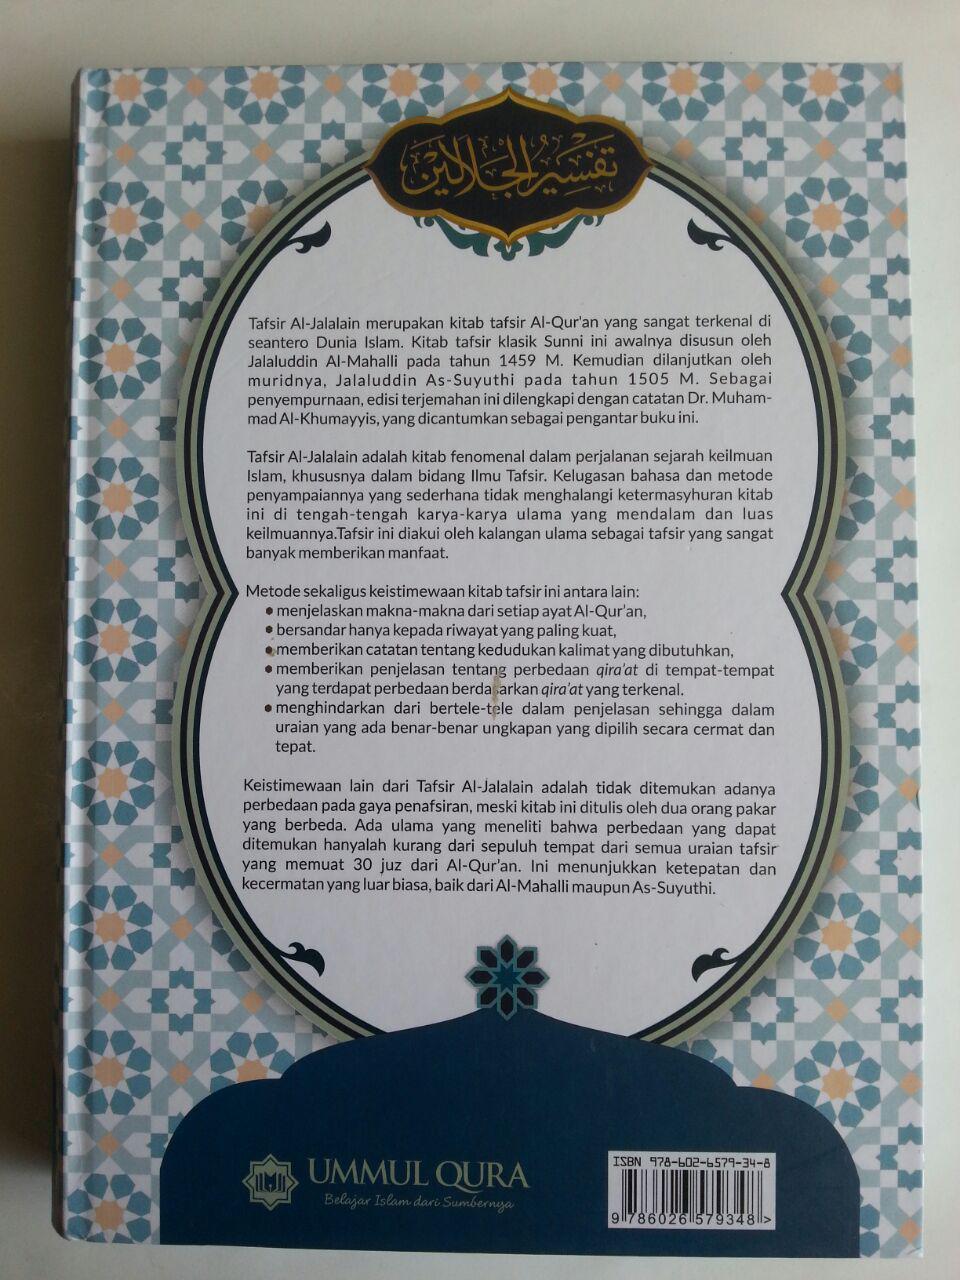 Buku Tafsir Jalalain Dilengkapi Asbabun Nuzul cover